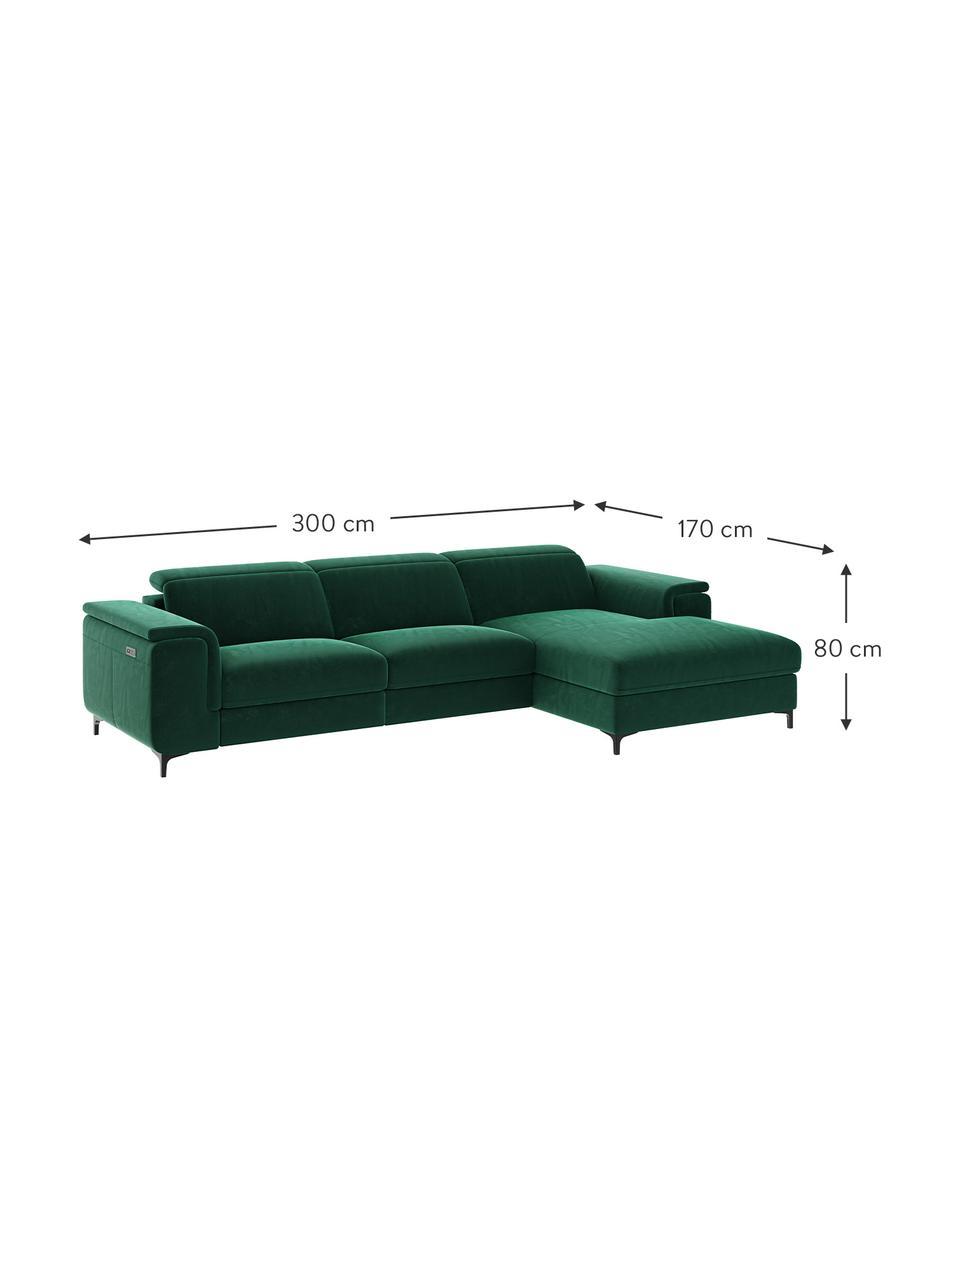 Sofa narożna z aksamitu z funkcją relaks Brito, Tapicerka: aksamit poliestrowy Dzięk, Nogi: metal lakierowany, Ciemny zielony, S 300 x G 170 cm